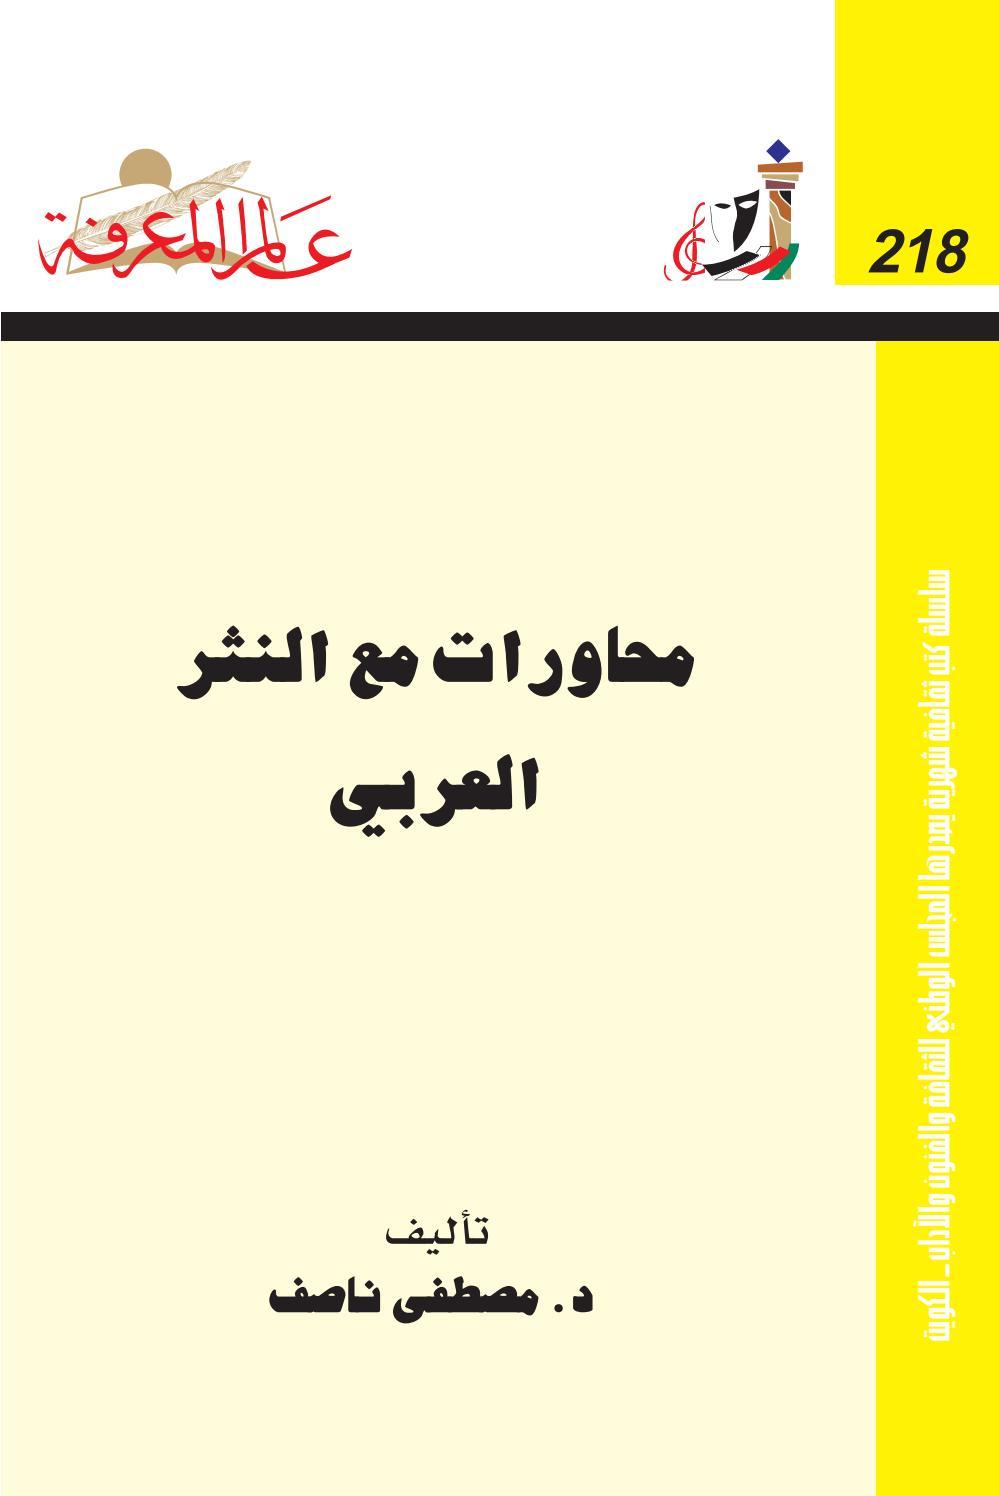 218 محاورات مع النثر العربي by iReadPedia - issuu